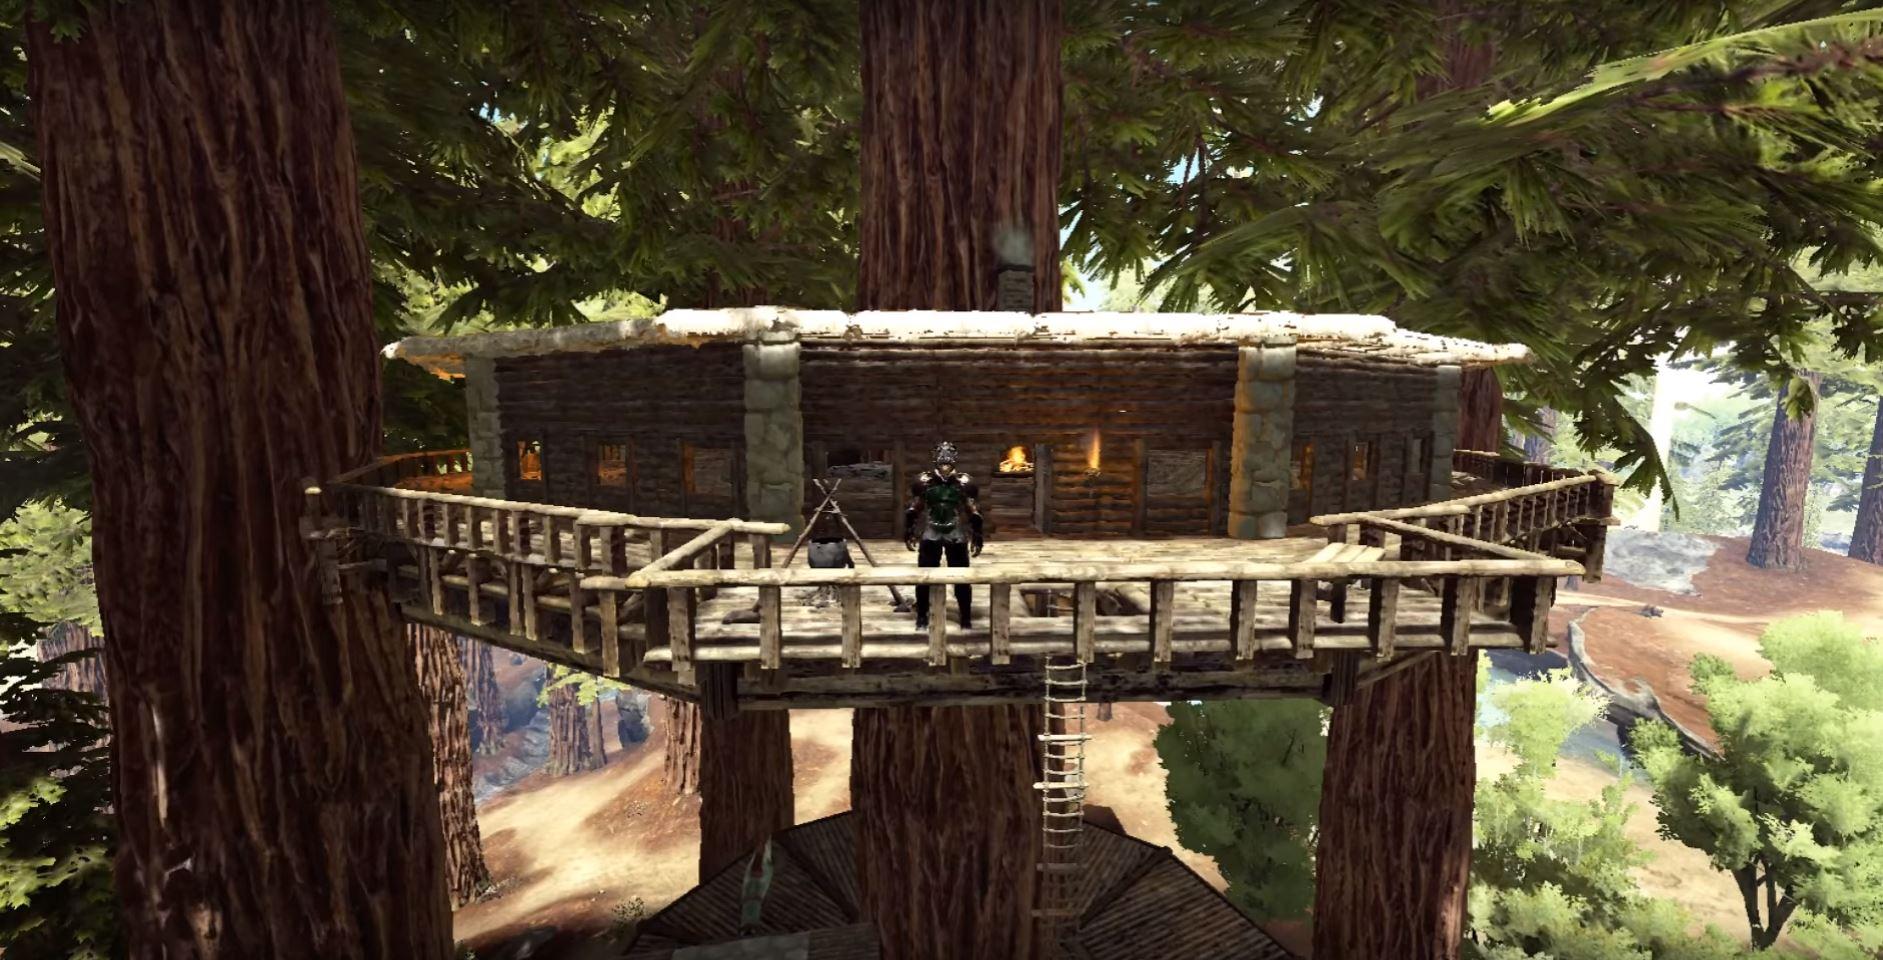 ark survival evolved die krassesten h user und basen von spielern bild 1 bilderserie giga. Black Bedroom Furniture Sets. Home Design Ideas